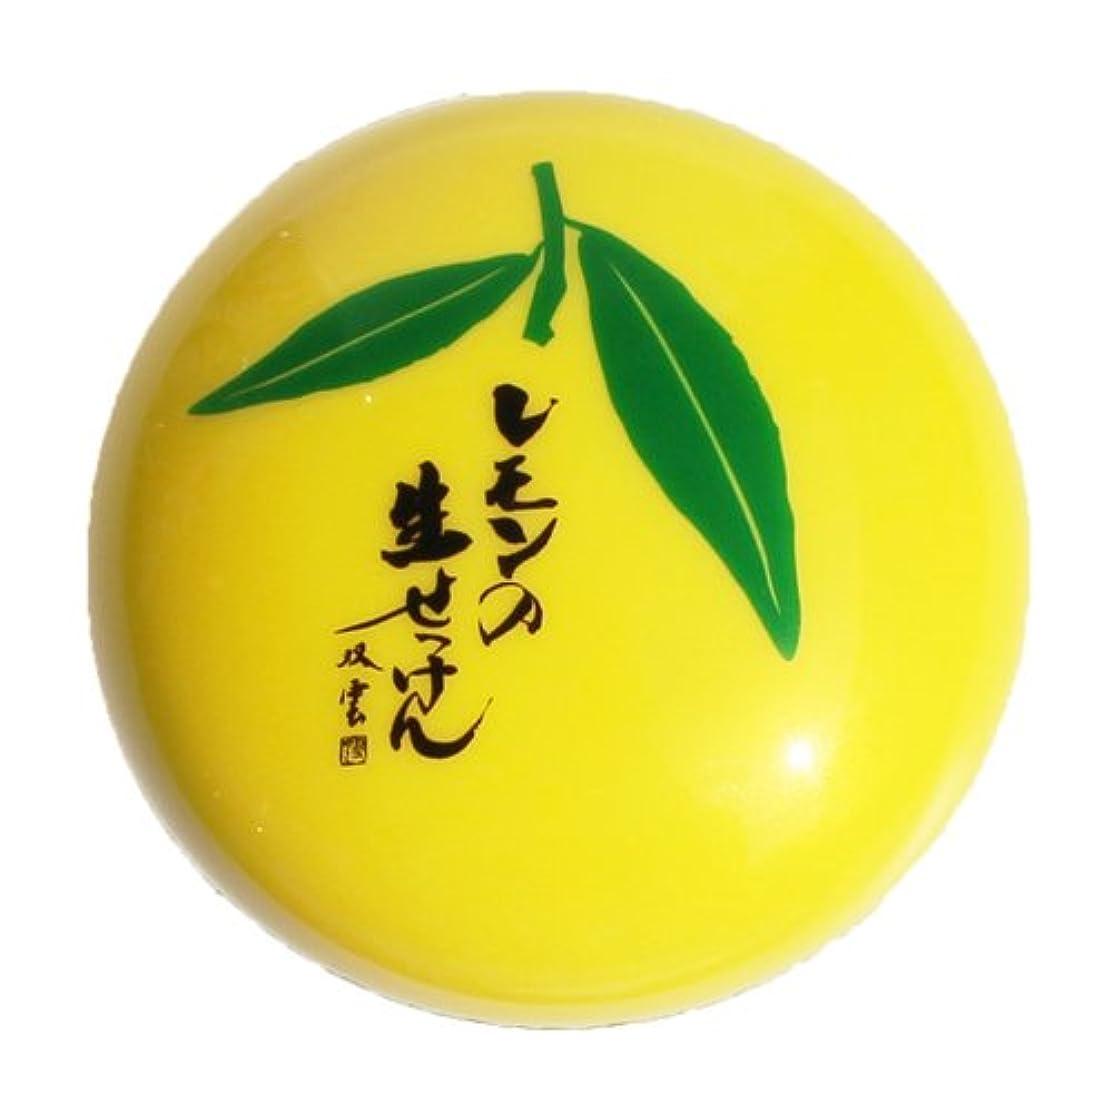 排気エピソード大学美香柑 レモンの生せっけん 50g